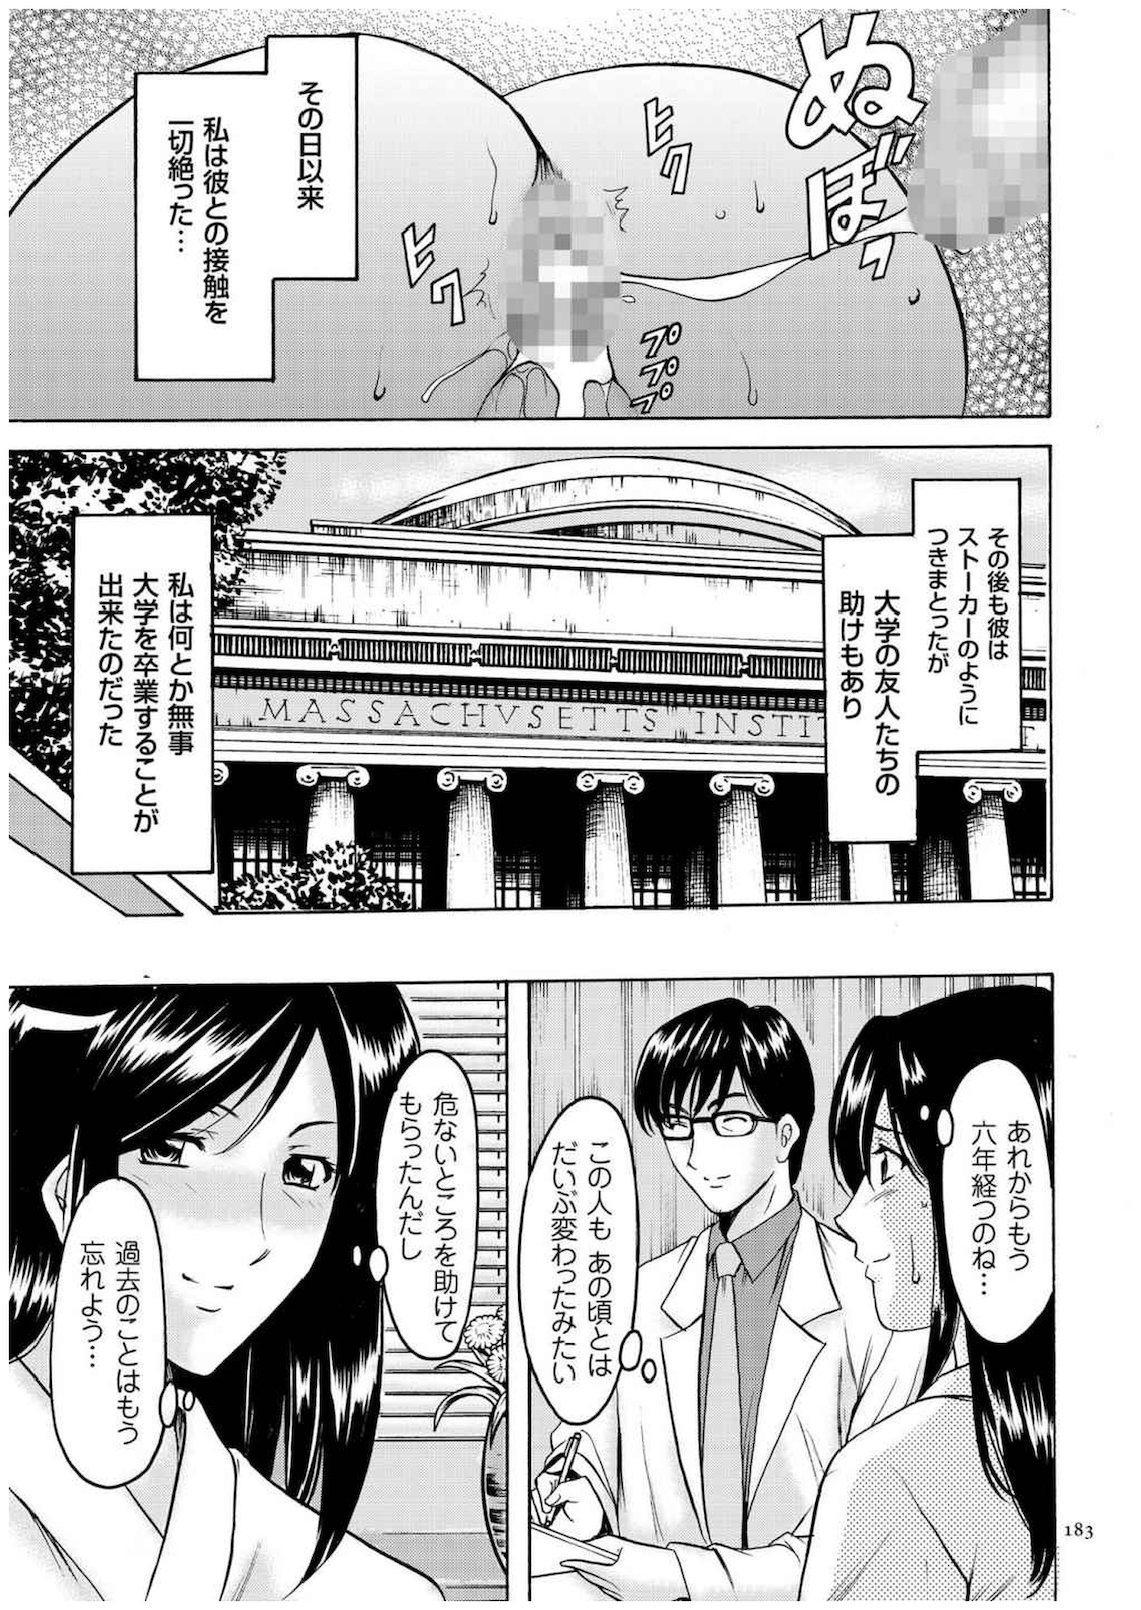 Sennyu Tsuma Satomi Kiroku 181